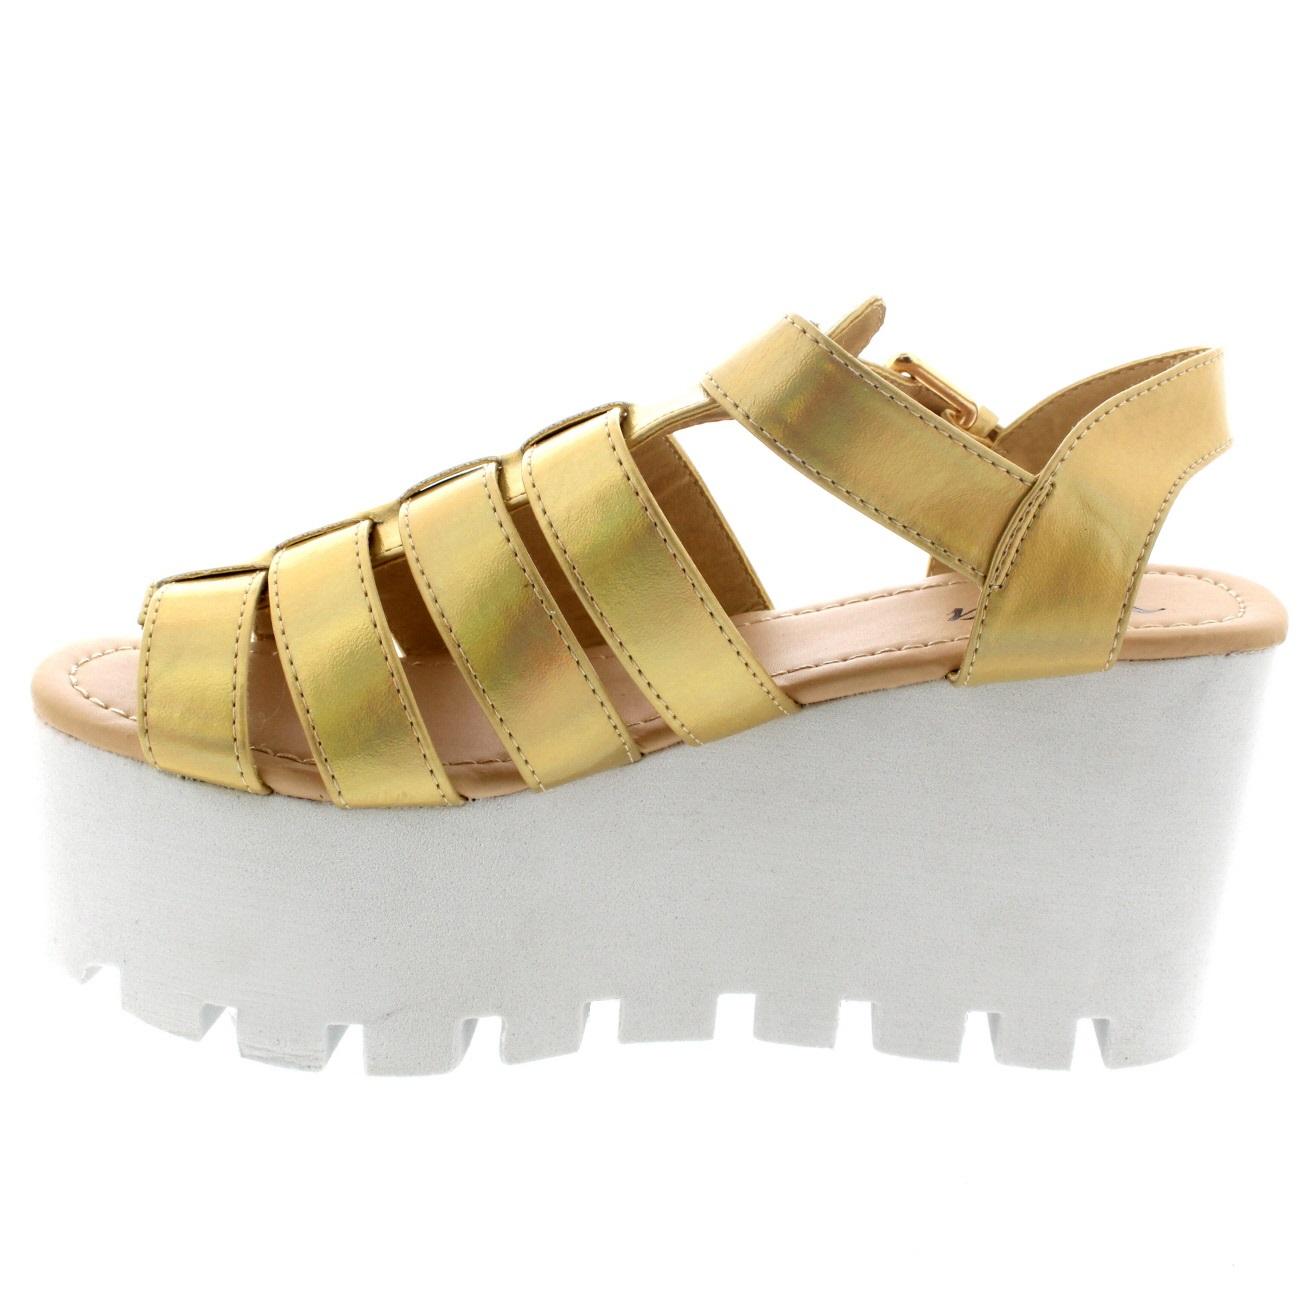 Ladies Buckle Hologram Flatform Shoes Platform Gladiator ...